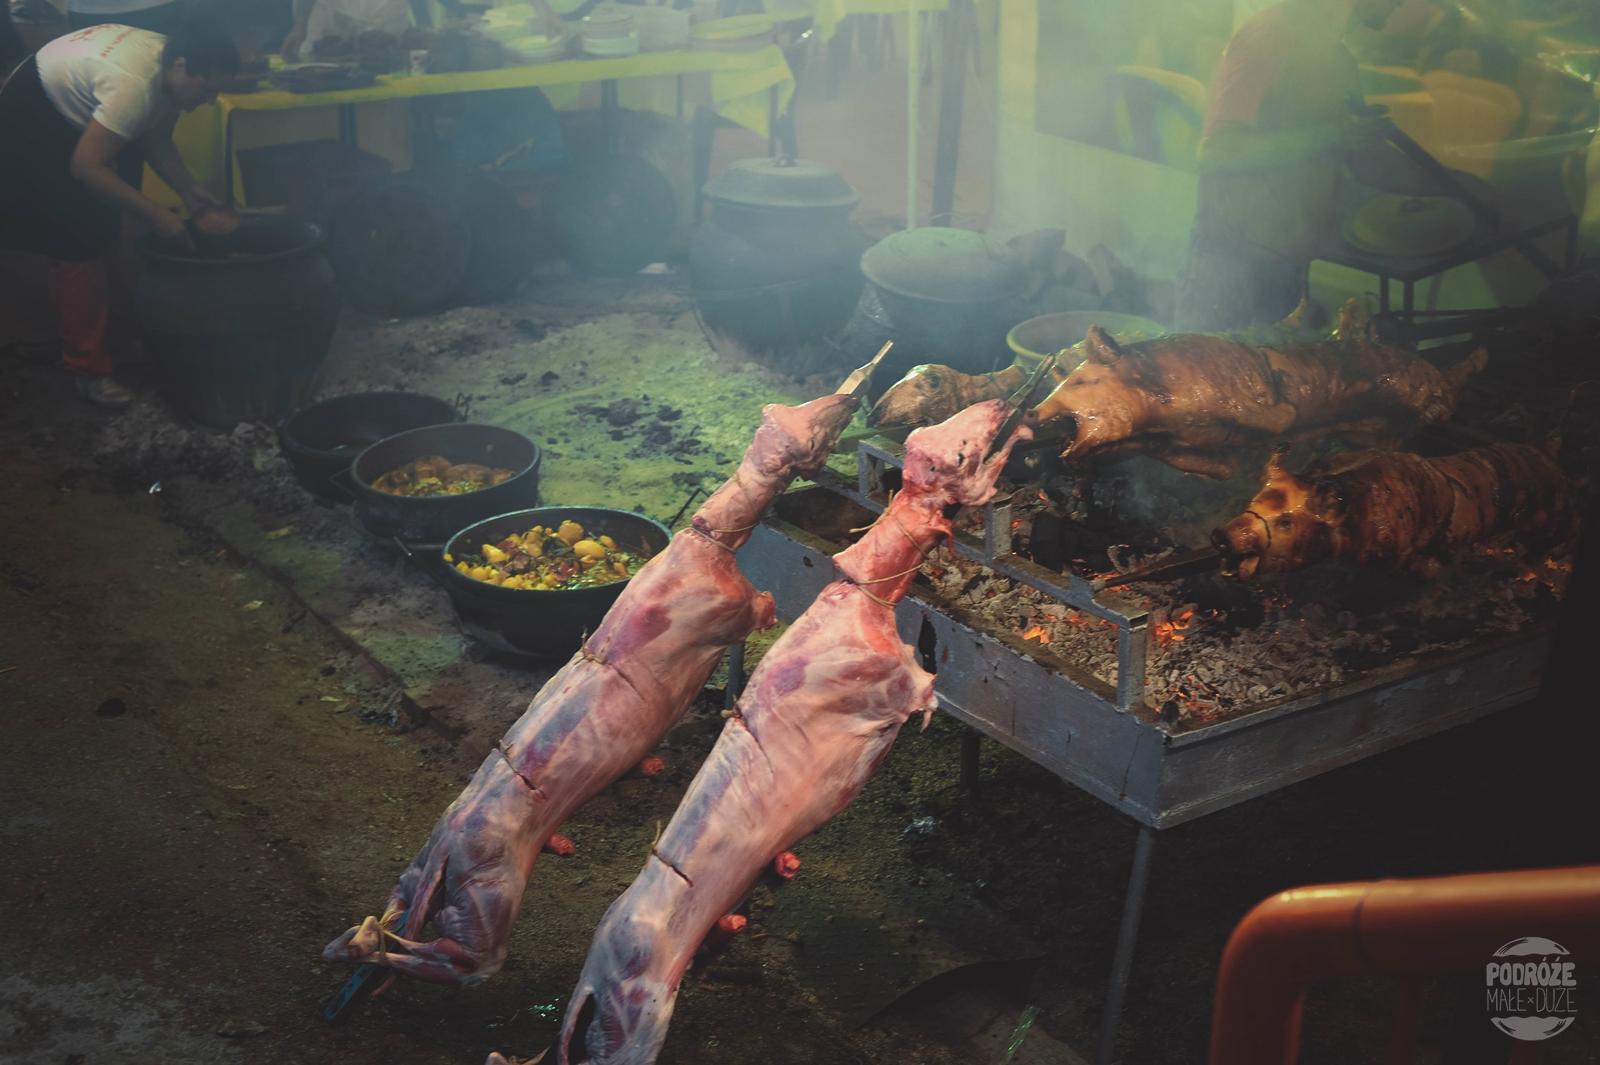 Serbia festiwal trąb w Guca jedzenie